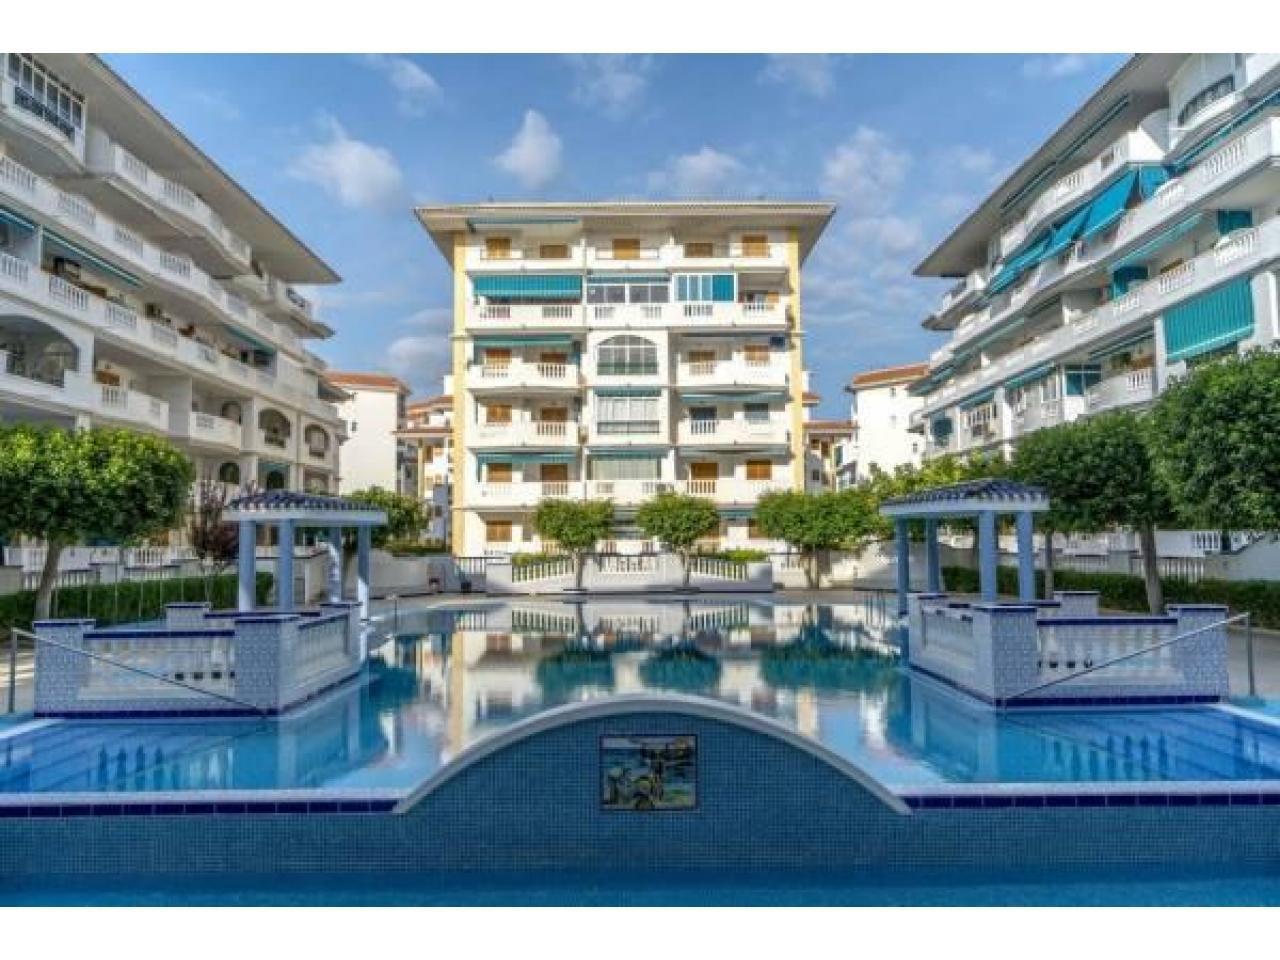 Недвижимость в Испании, Квартира рядом с пляжем в Ла Мата,Торревьеха,Коста Бланка,Испания - 1